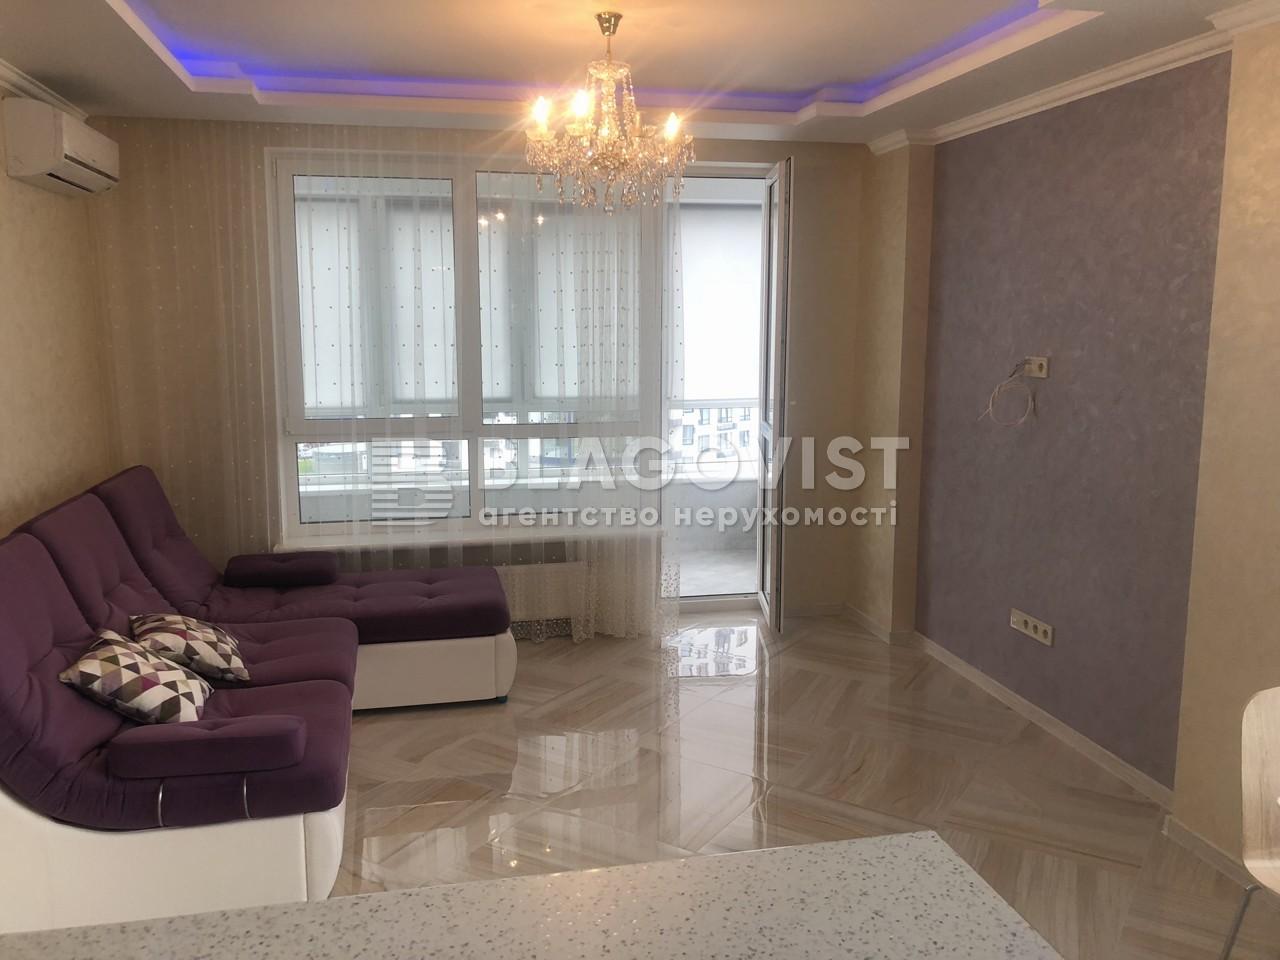 Квартира R-20718, Заречная, 3а, Киев - Фото 5